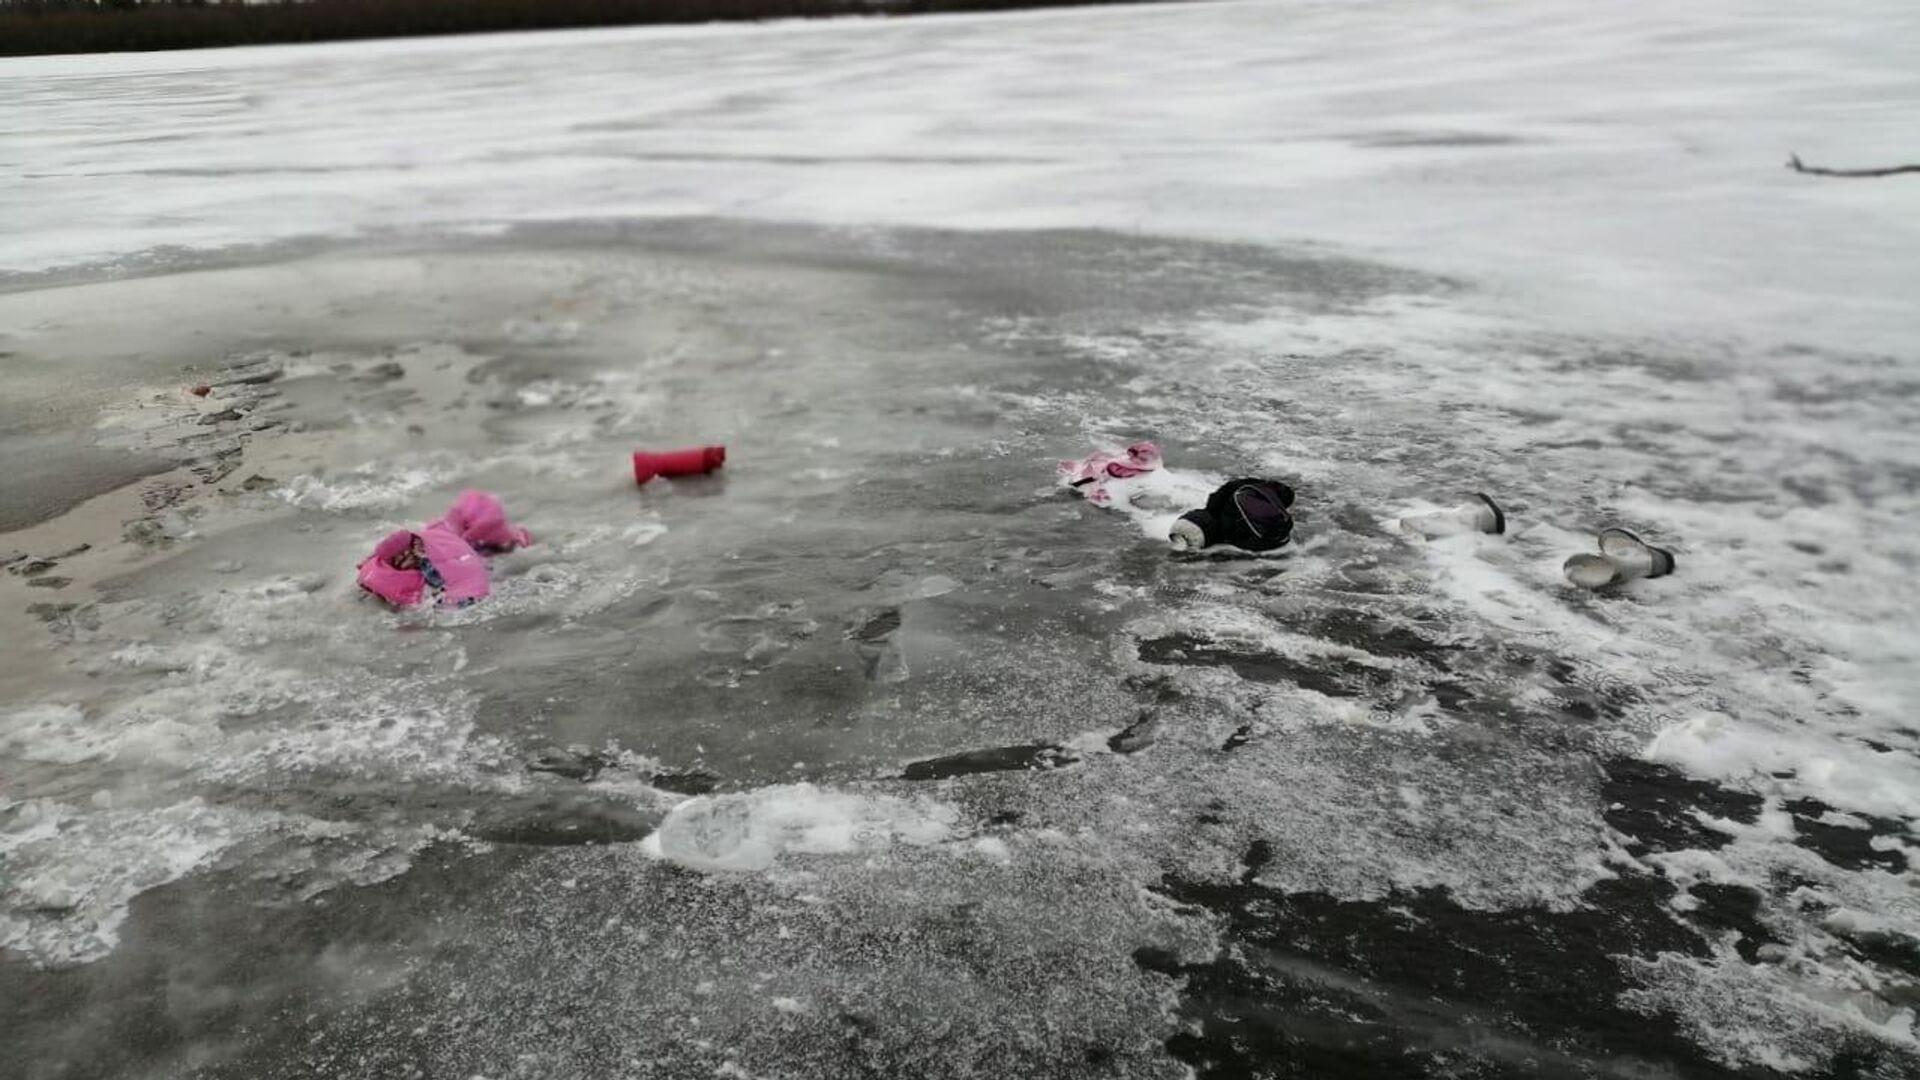 Река Ляпин в Березовском районе ХМАО, где автомобиль ушел под воду - РИА Новости, 1920, 23.11.2020